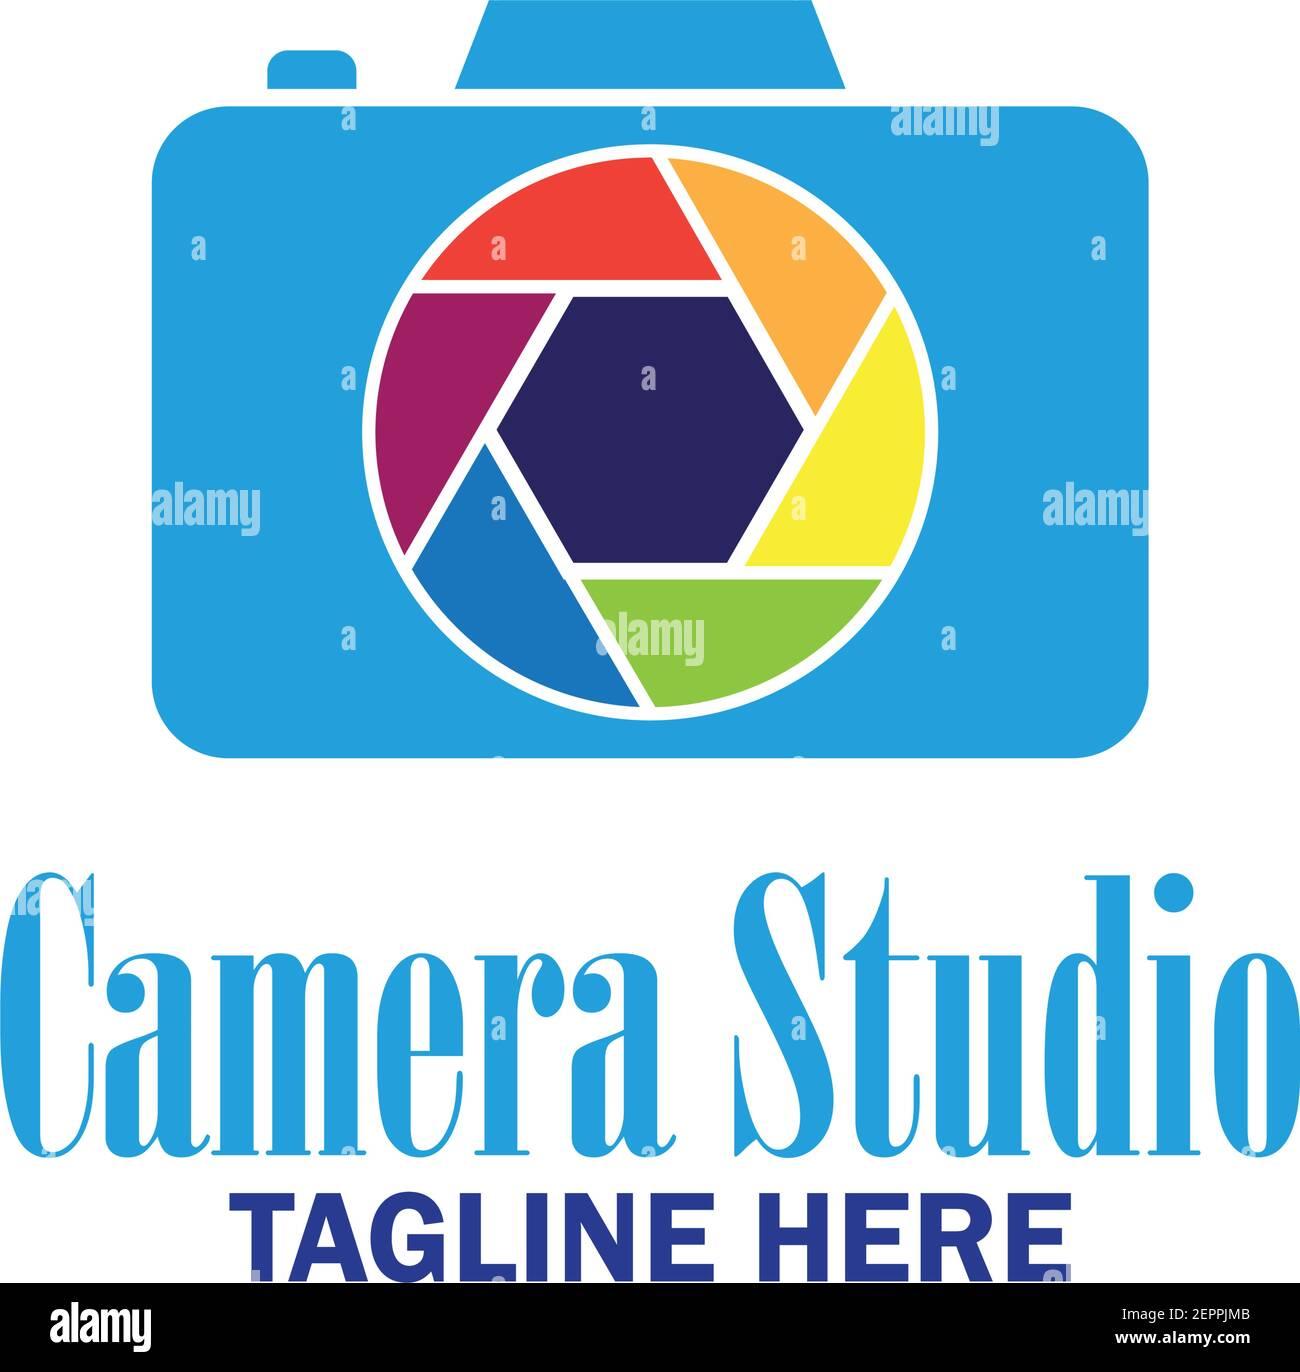 Fotostudio, Shutter, Kamerastore-Symbol mit Textraum für Ihren Slogan Slogan, Vektordarstellung Stock Vektor